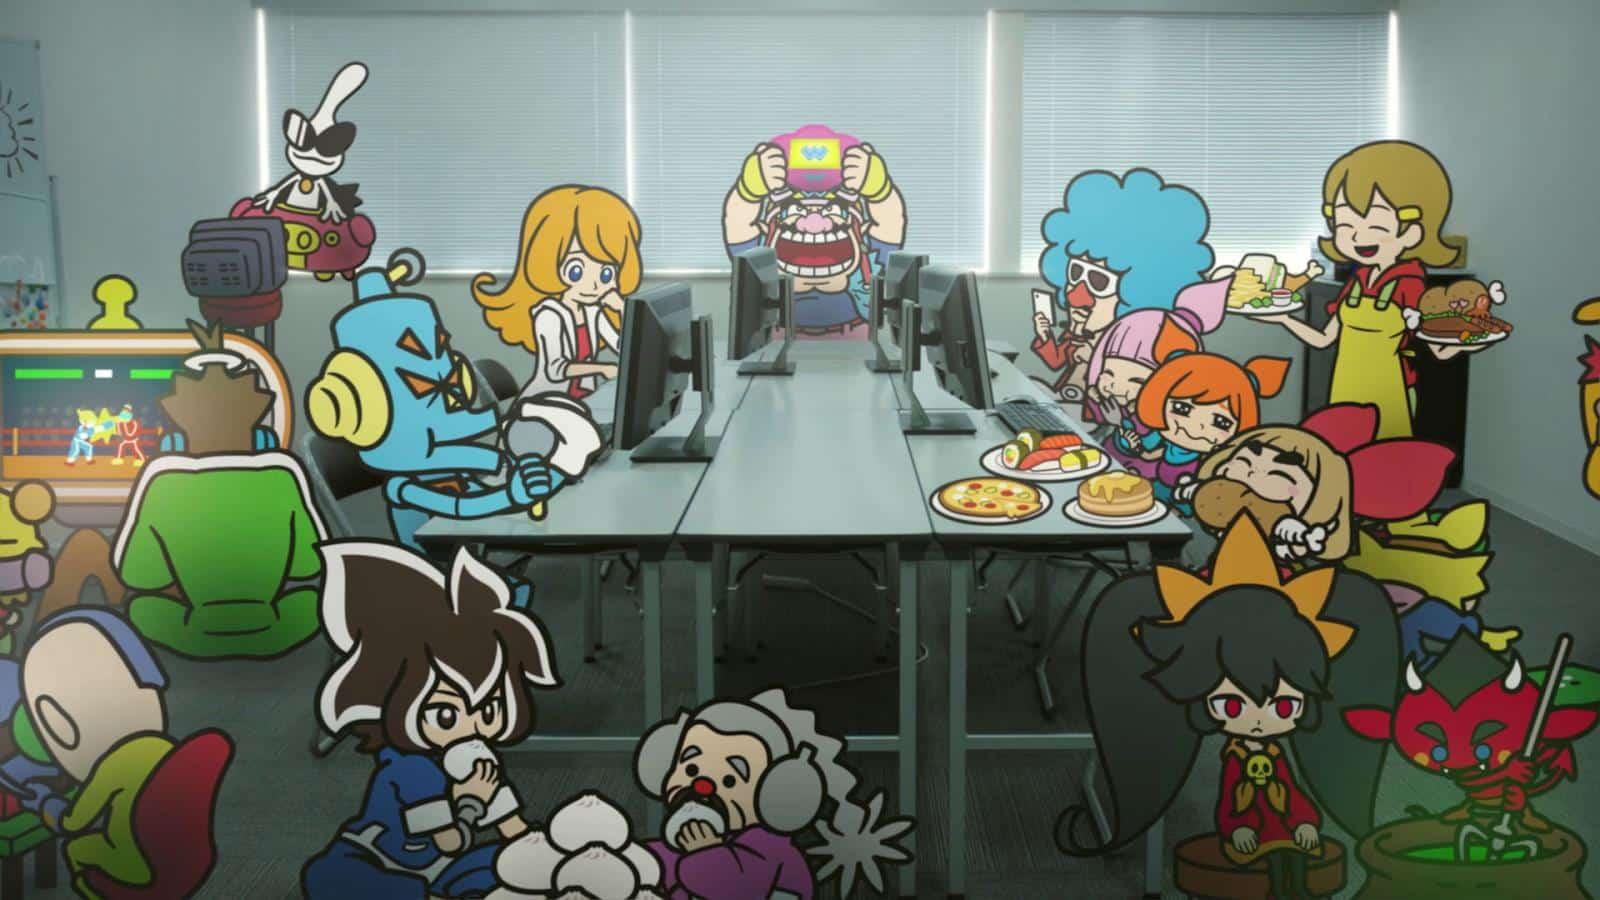 צילום מסך 3 למשחק: WarioWare: Get It Together! הדמות וואריו והצוות